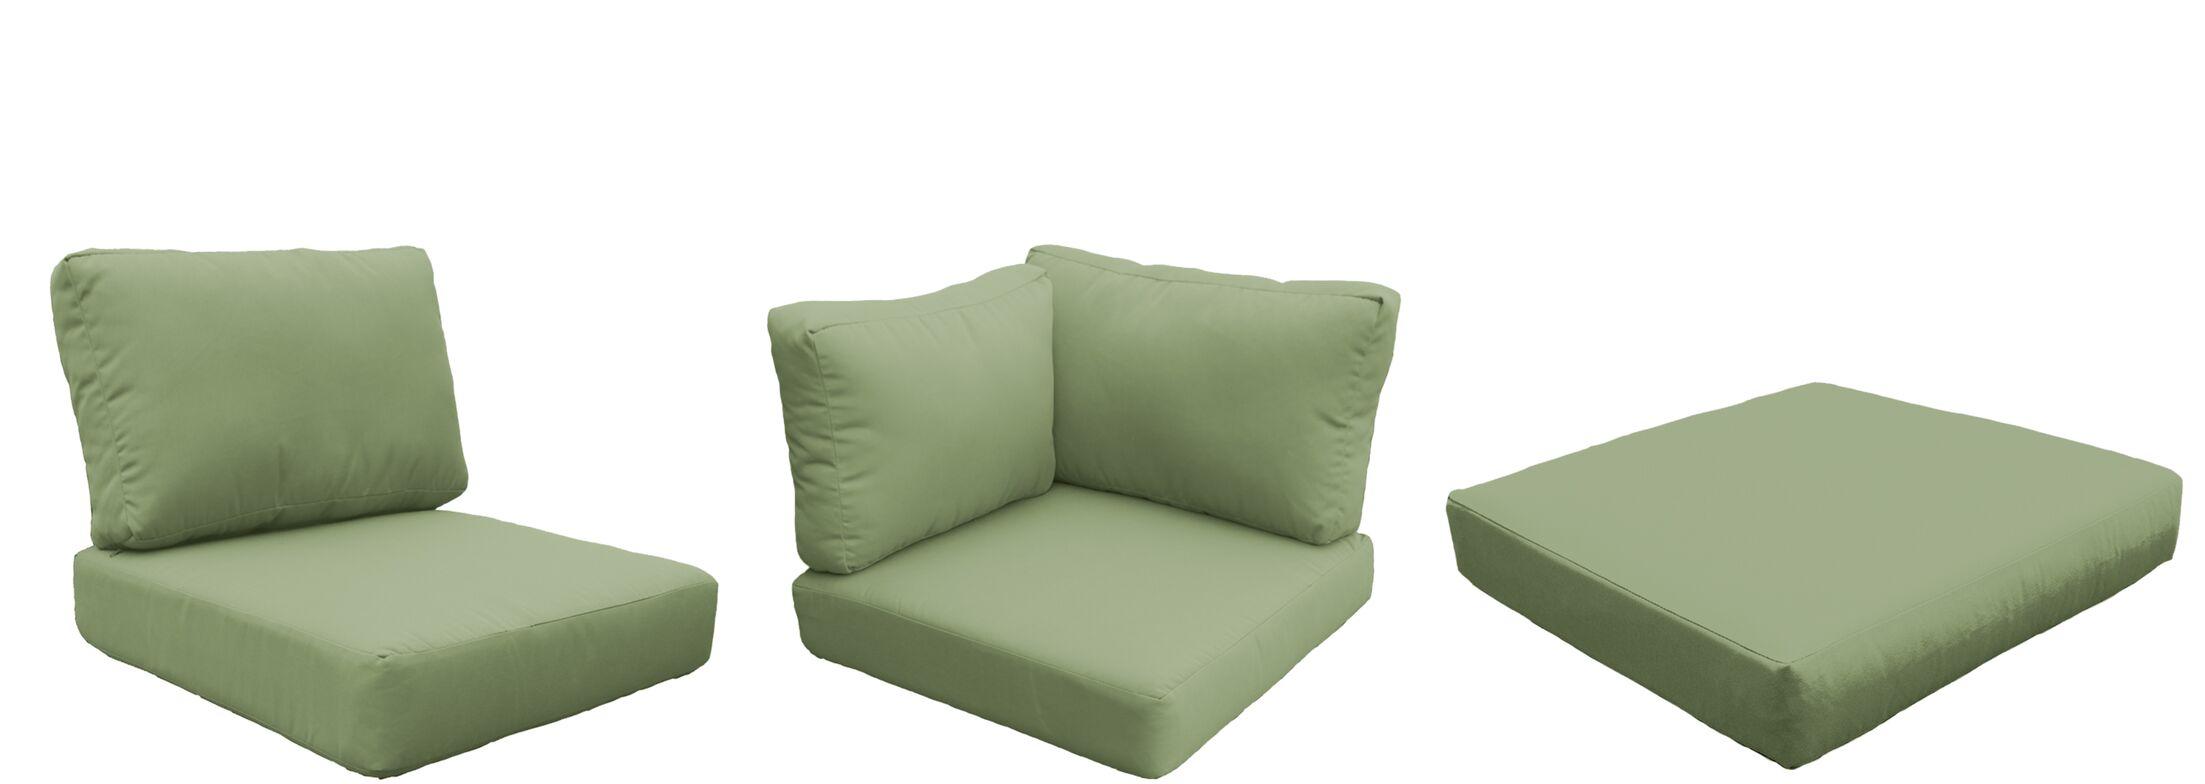 Barbados 14 Piece Outdoor Cushion Set Fabric: Cilantro